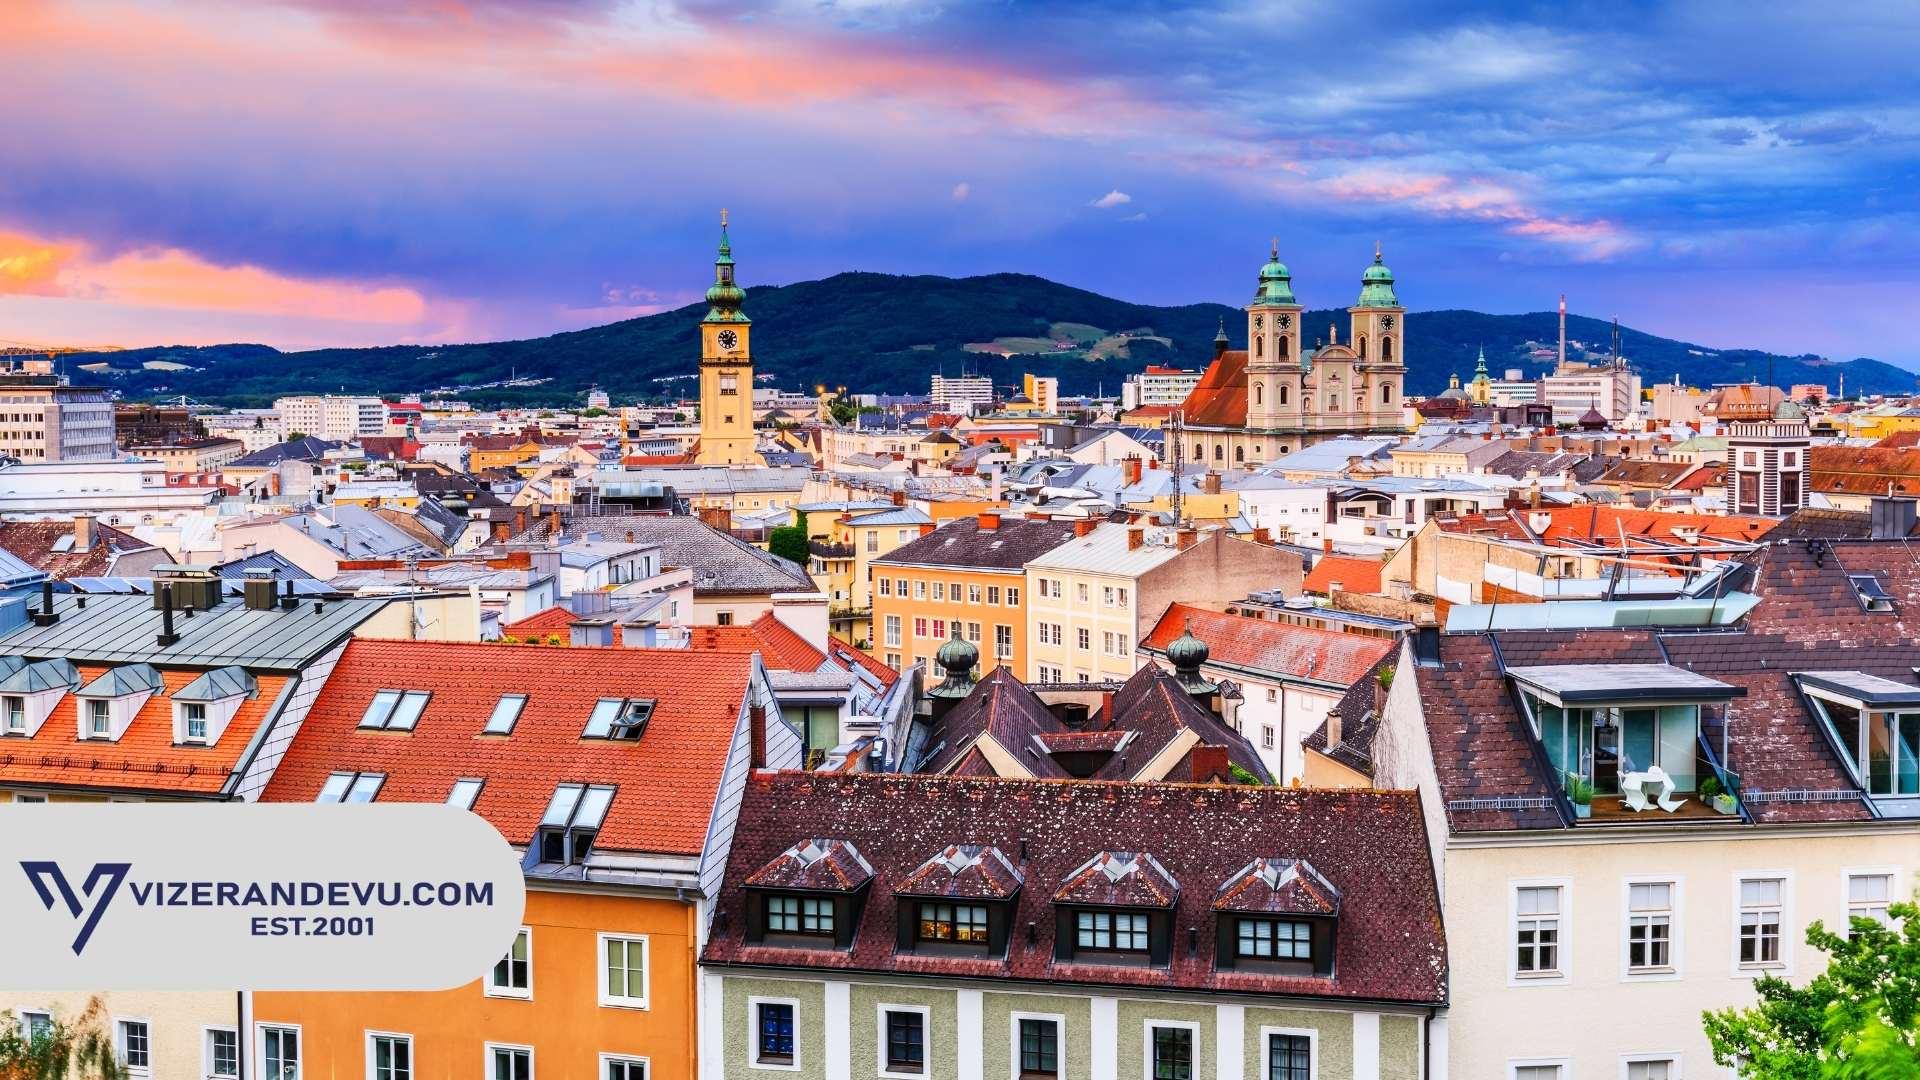 Avusturya'ya Giriş Yapmak Adına Gereken Vize Türleri Nelerdir